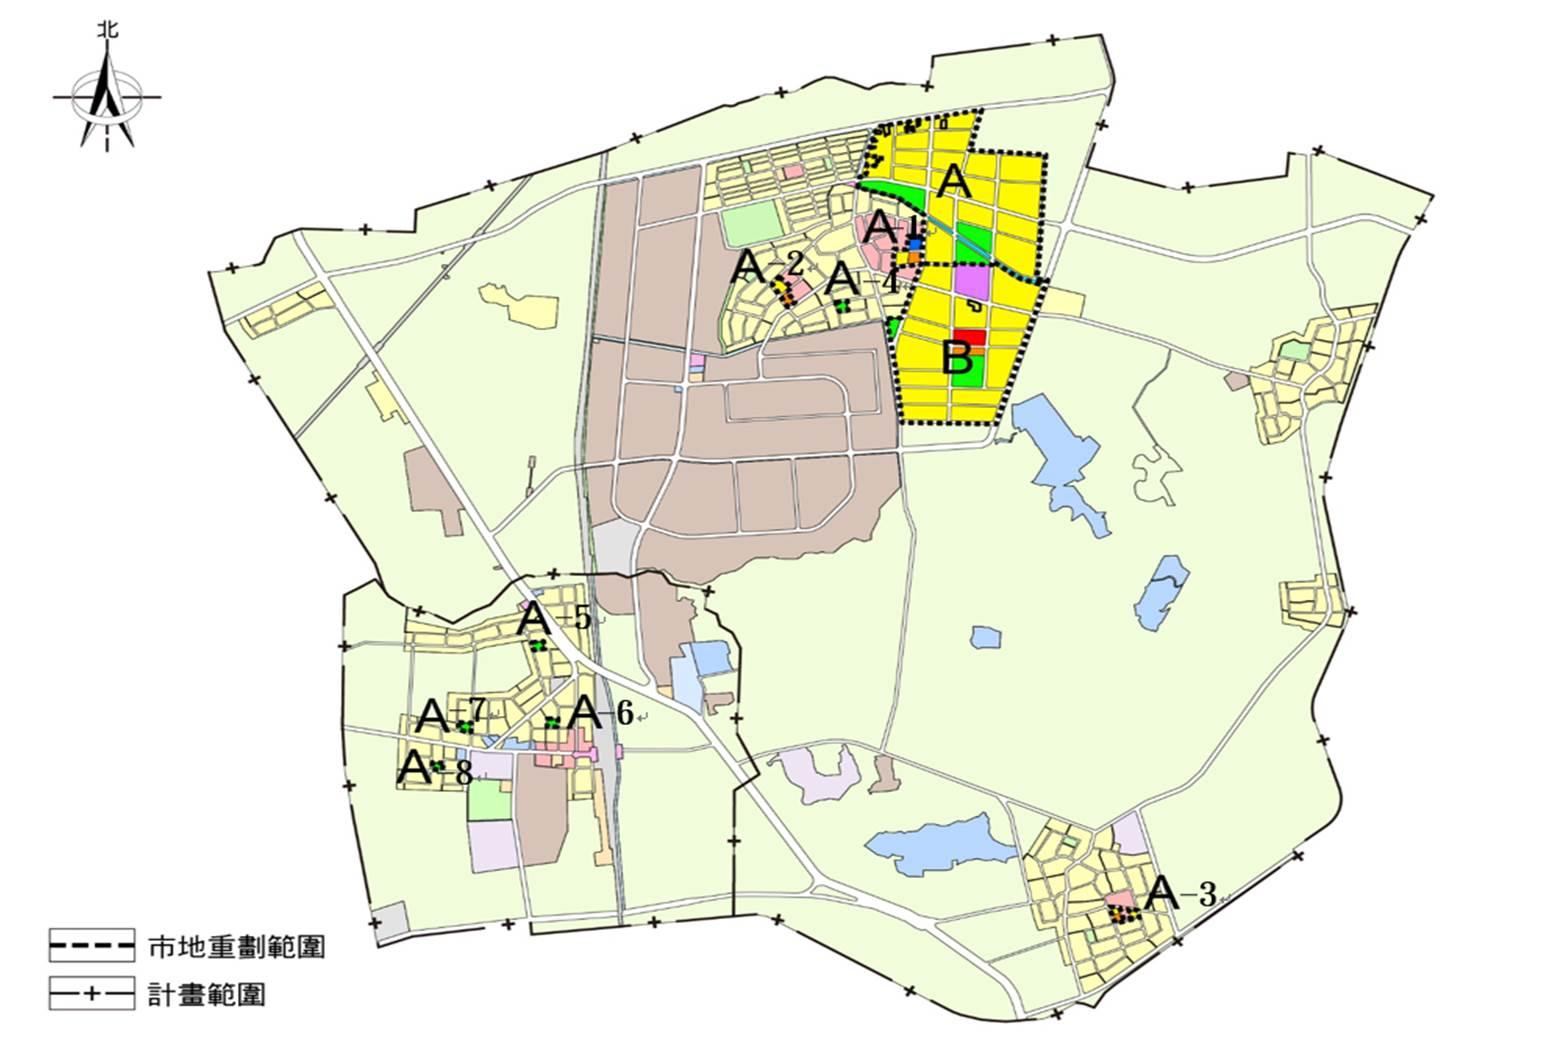 官田二鎮重劃區範圍示意圖